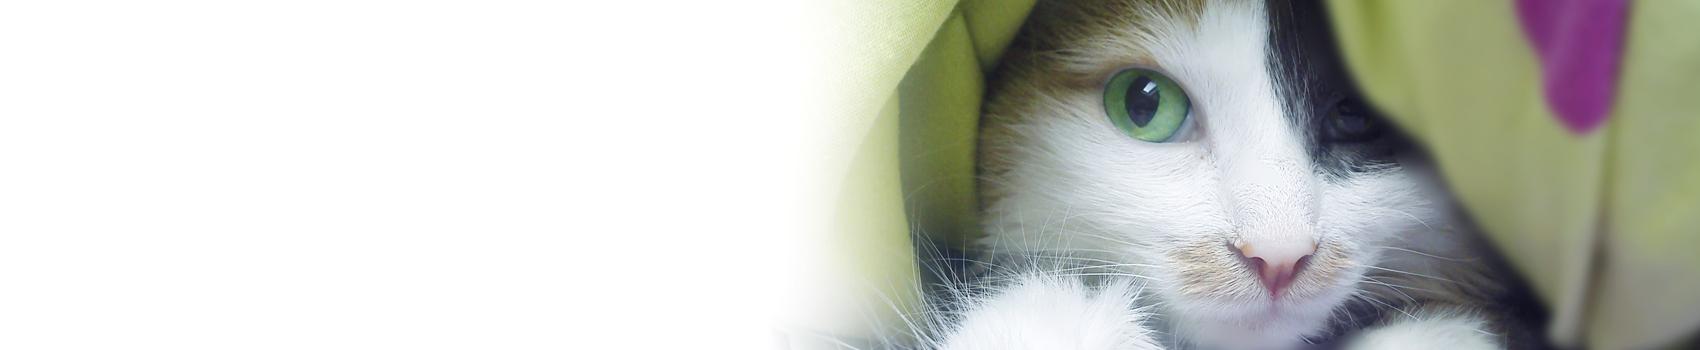 fédération féline française des chats -03